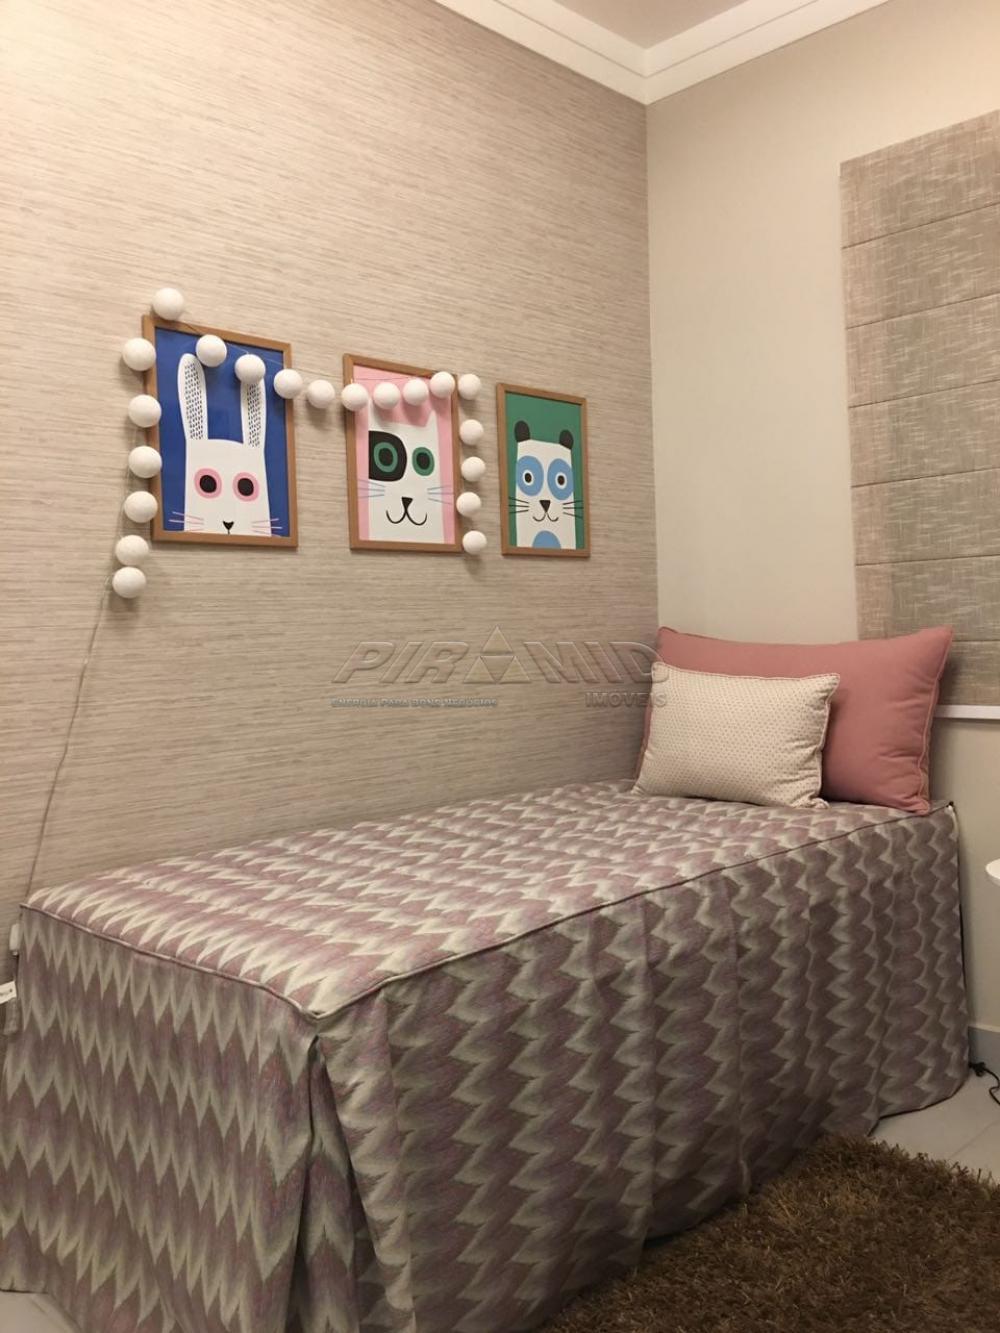 Comprar Apartamento / Padrão em Ribeirão Preto apenas R$ 203.320,00 - Foto 18